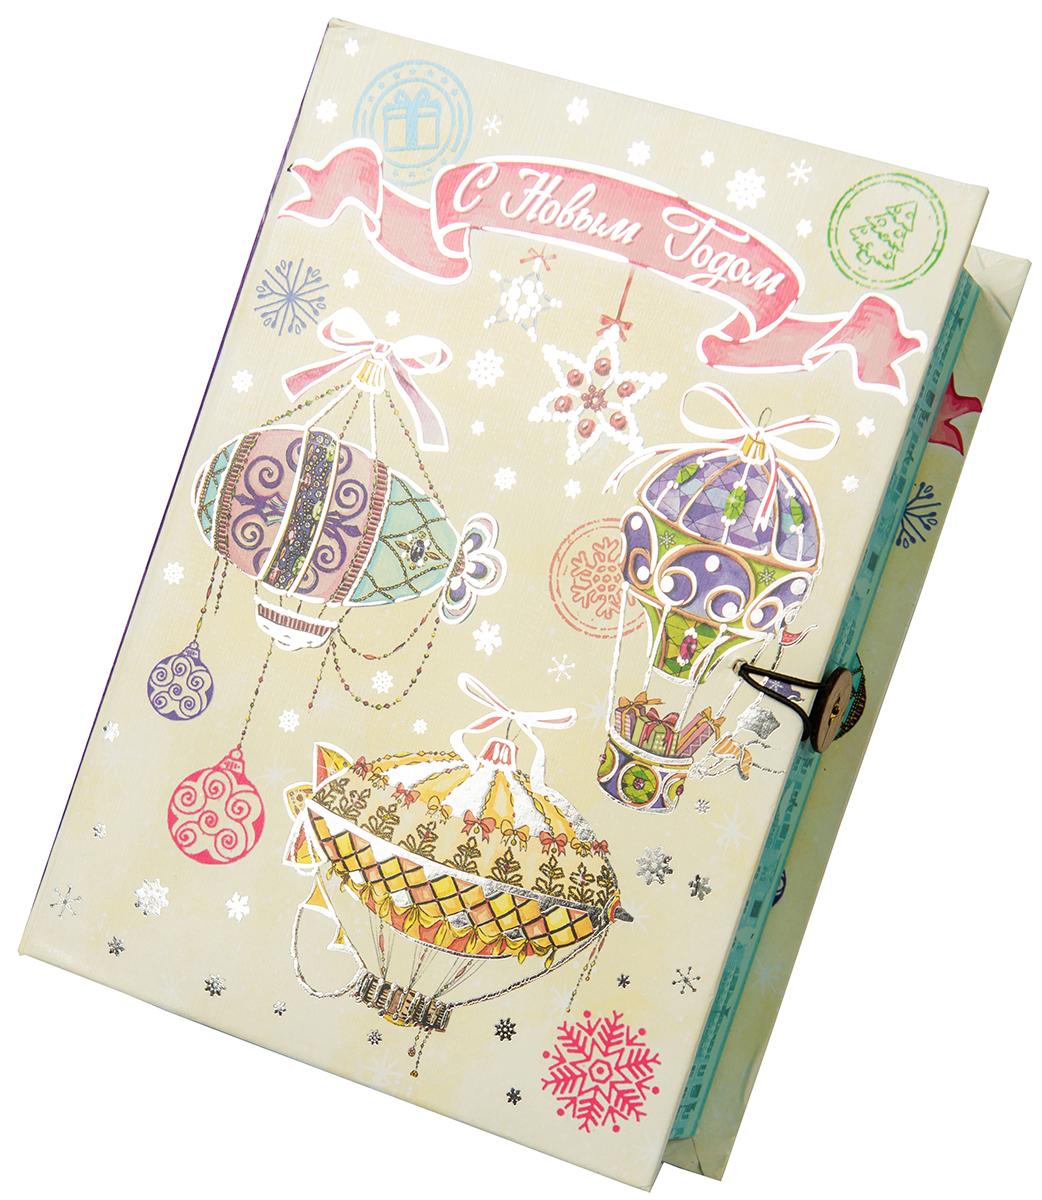 Коробка подарочная Magic Time Новогодние воздушные шары, размер M. 7502575025Подарочная коробка Новогодние воздушные шары-M из мелованного, ламинированного, негофрированного картона плотностью 1100 г, м2, с полноцветным декоративным рисунком на внутренней и наружной части, 20x14x6, артикул 75025